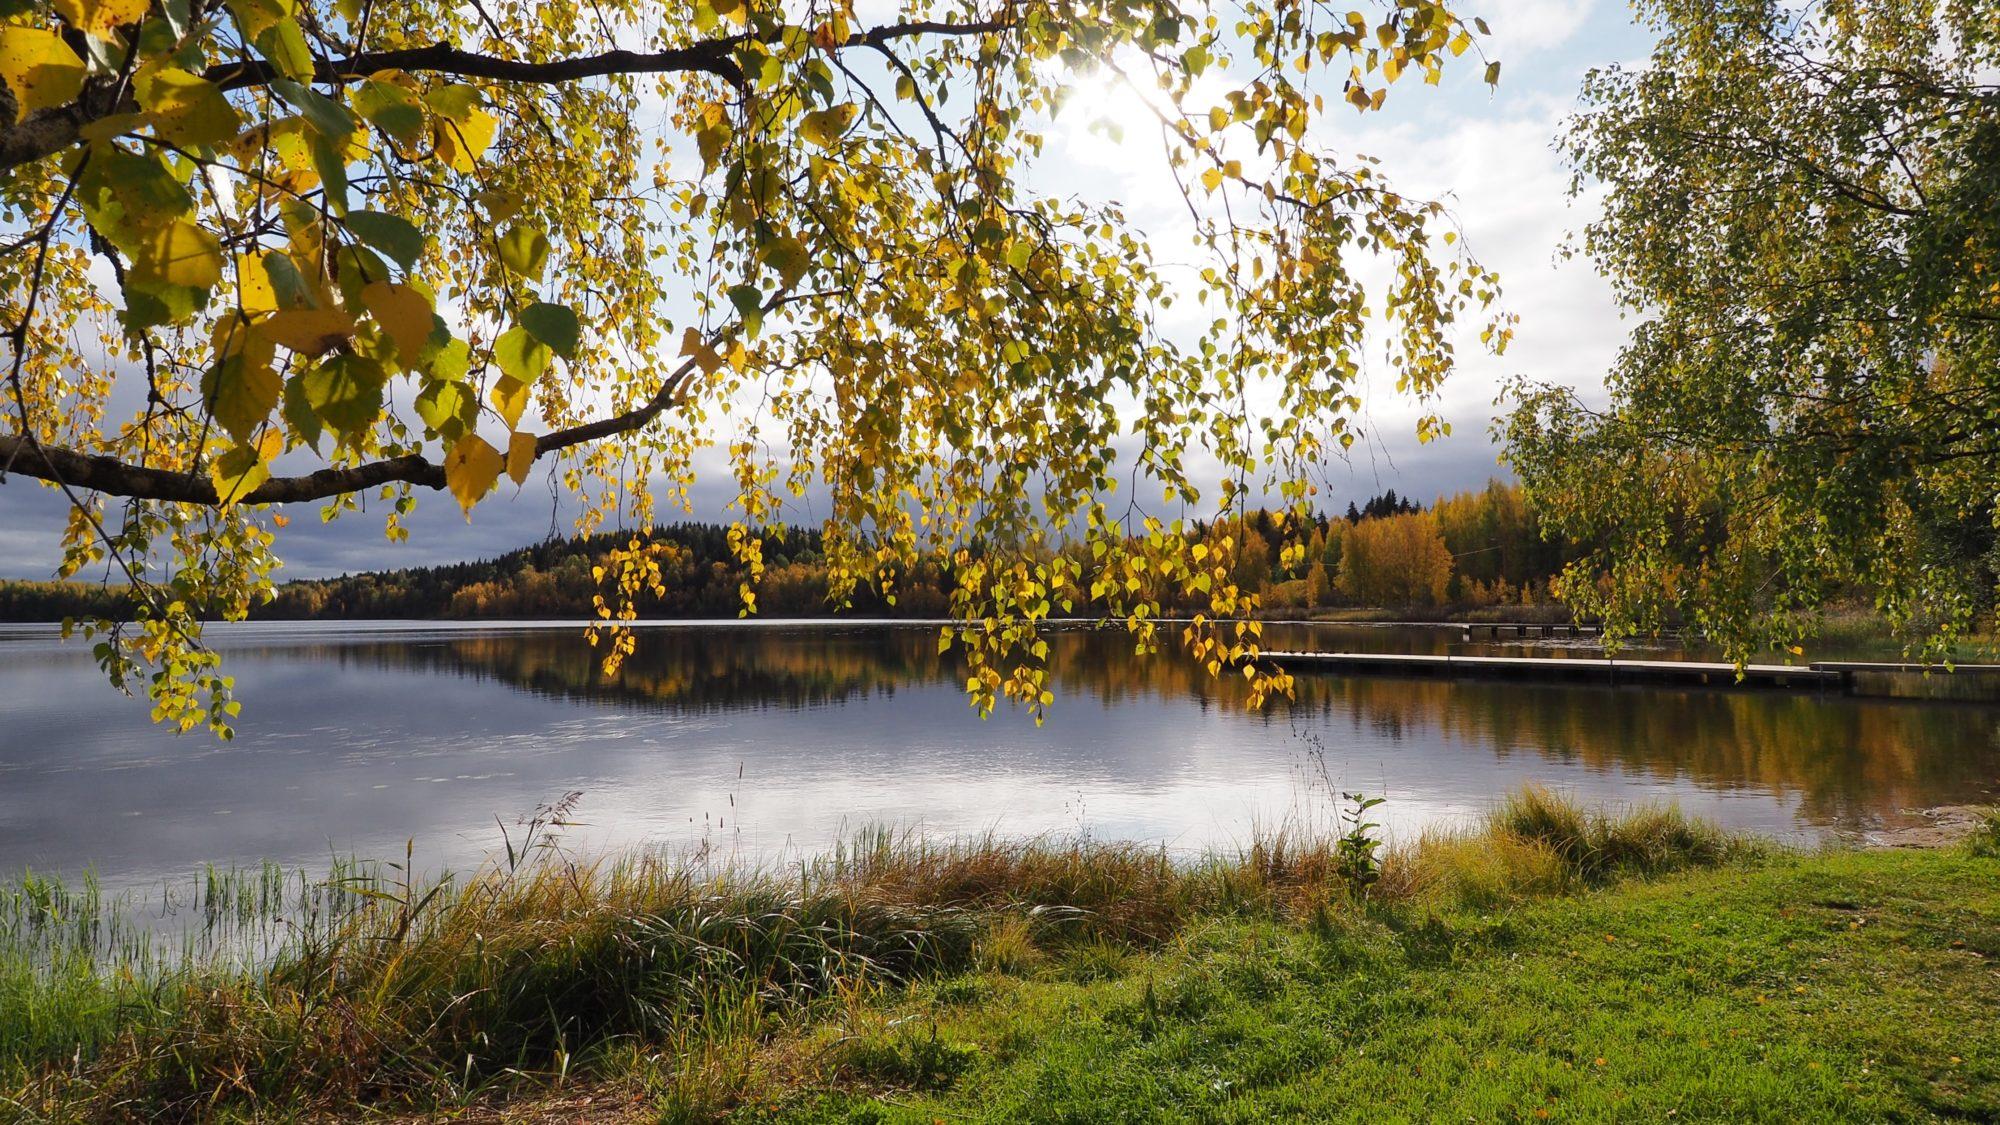 Merrasjärvi